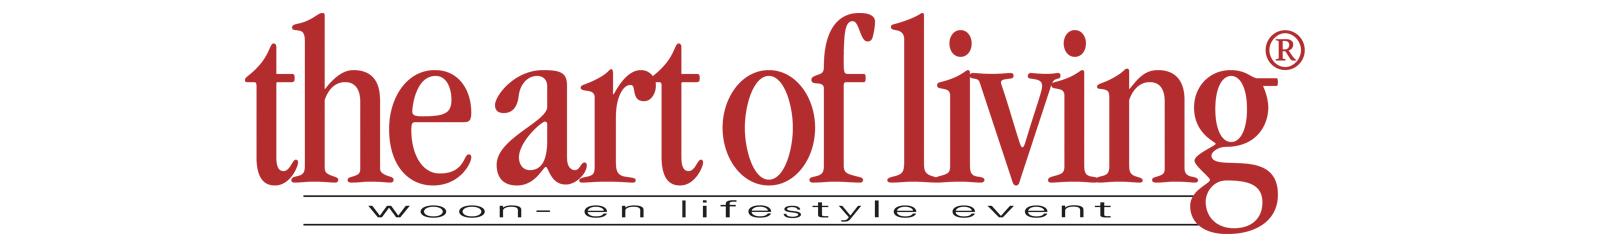 theartofliving-event-logo